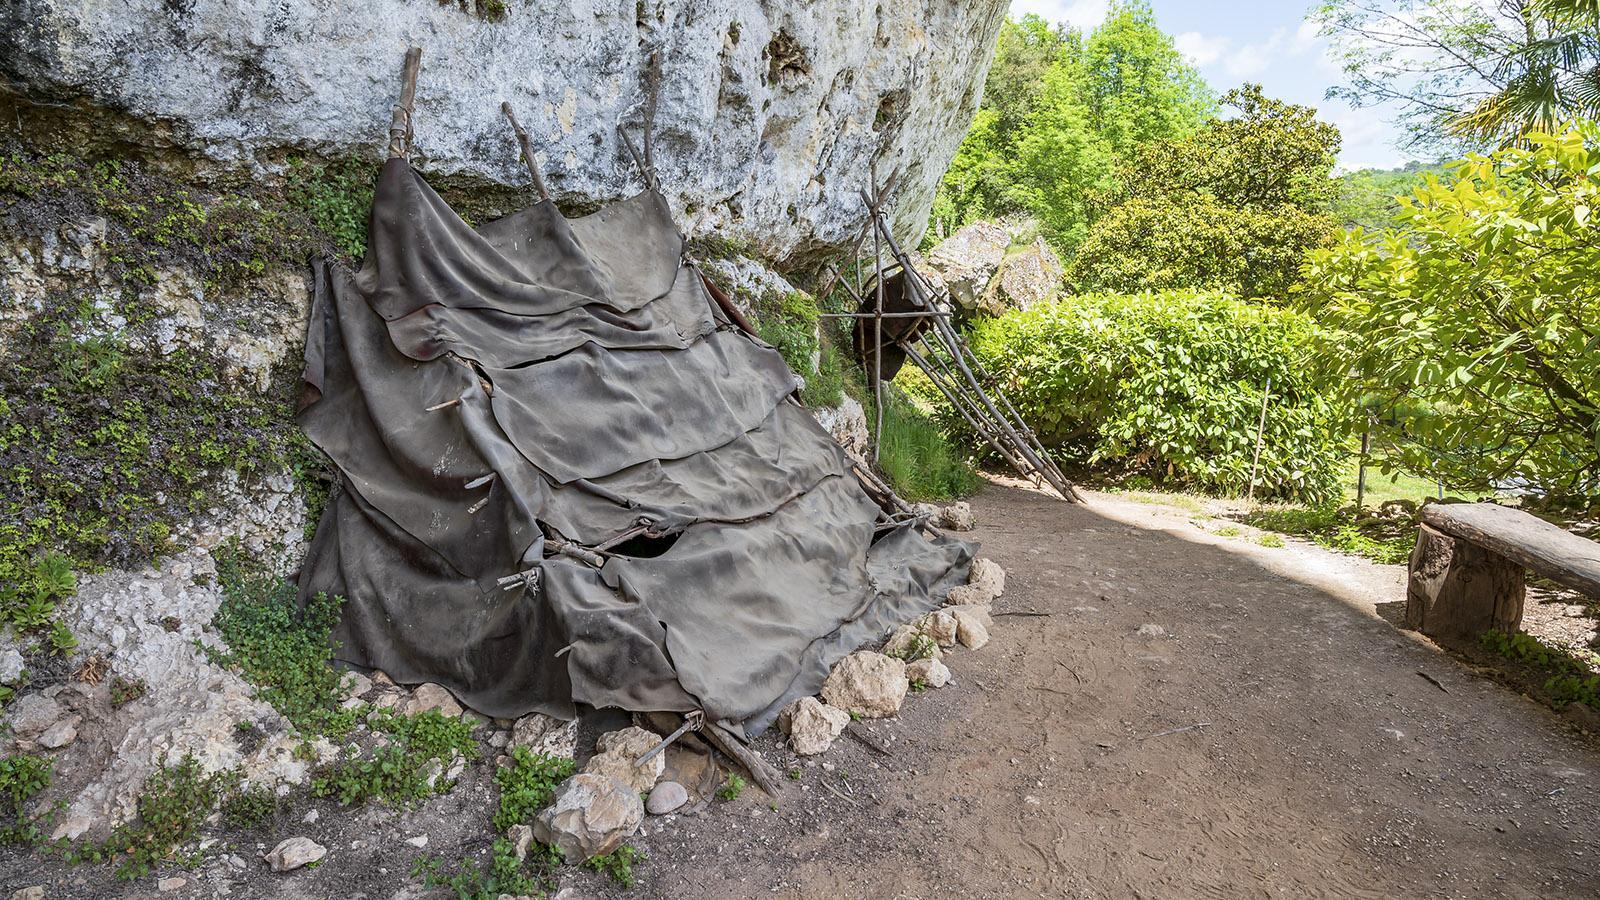 Laugerie-Basse: In solchen Lederzelten lebte der Magdalénien. Foto: Hilke Maunder